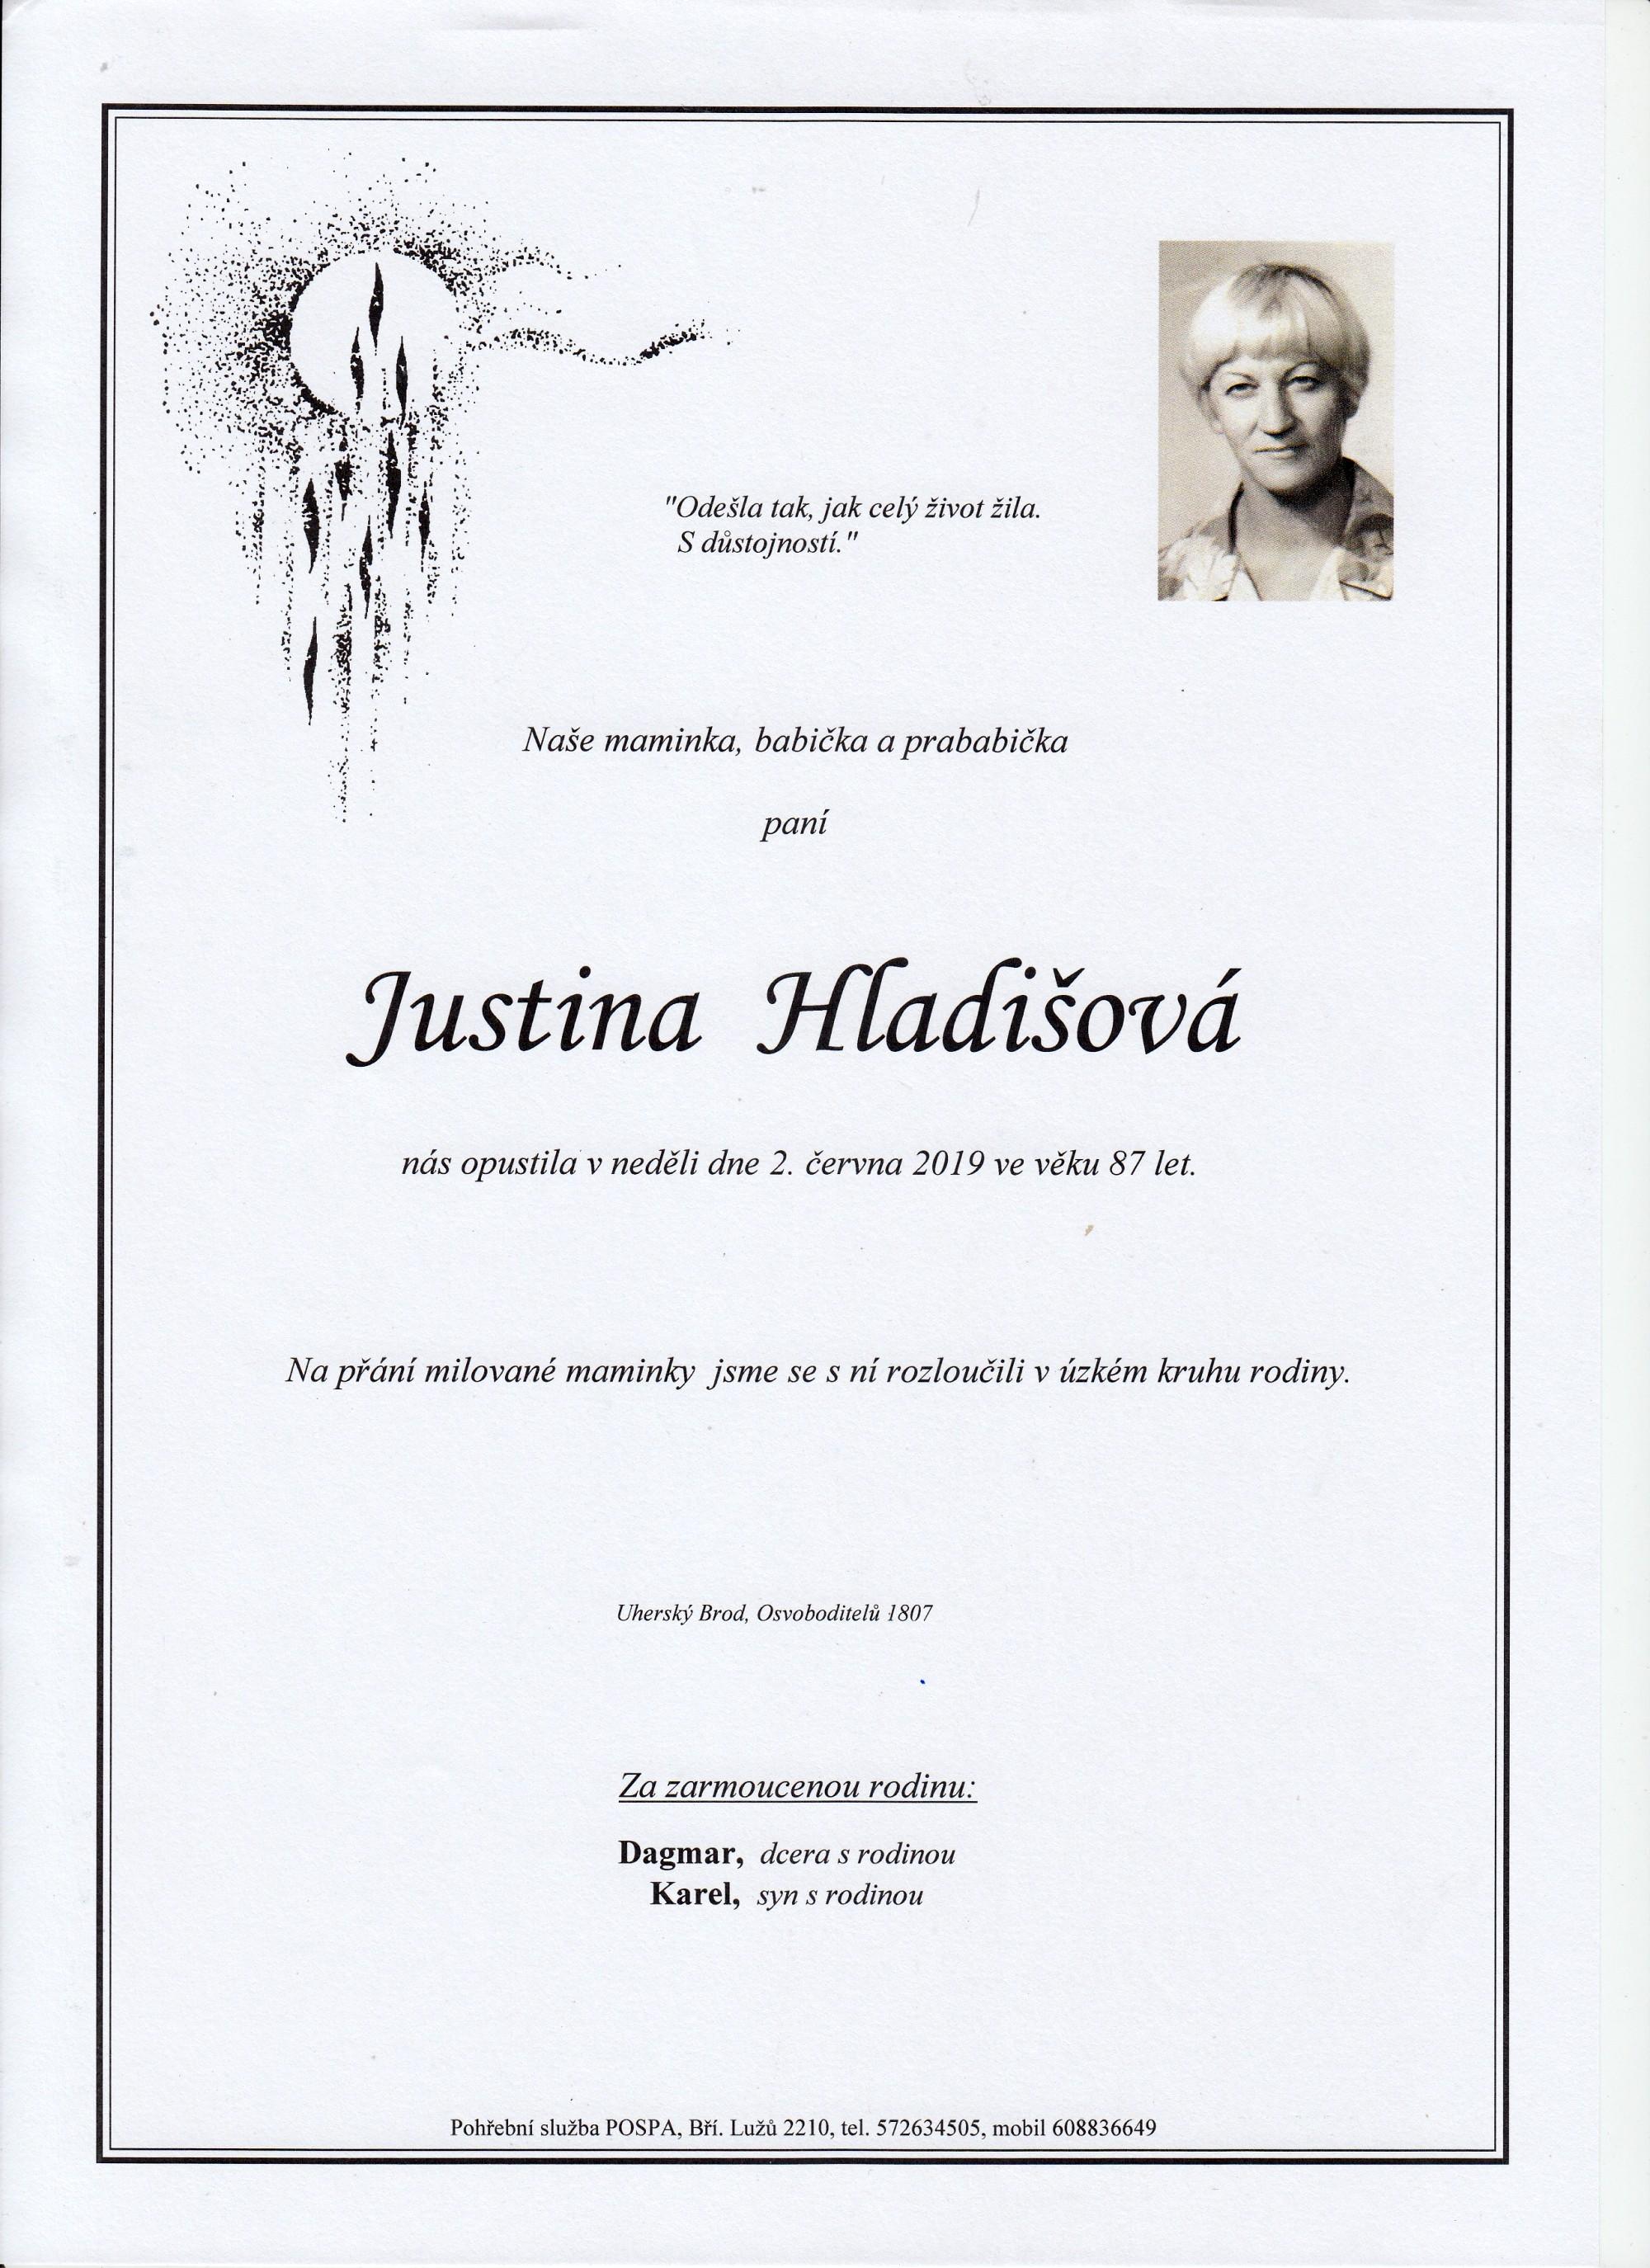 Justina Hladišová